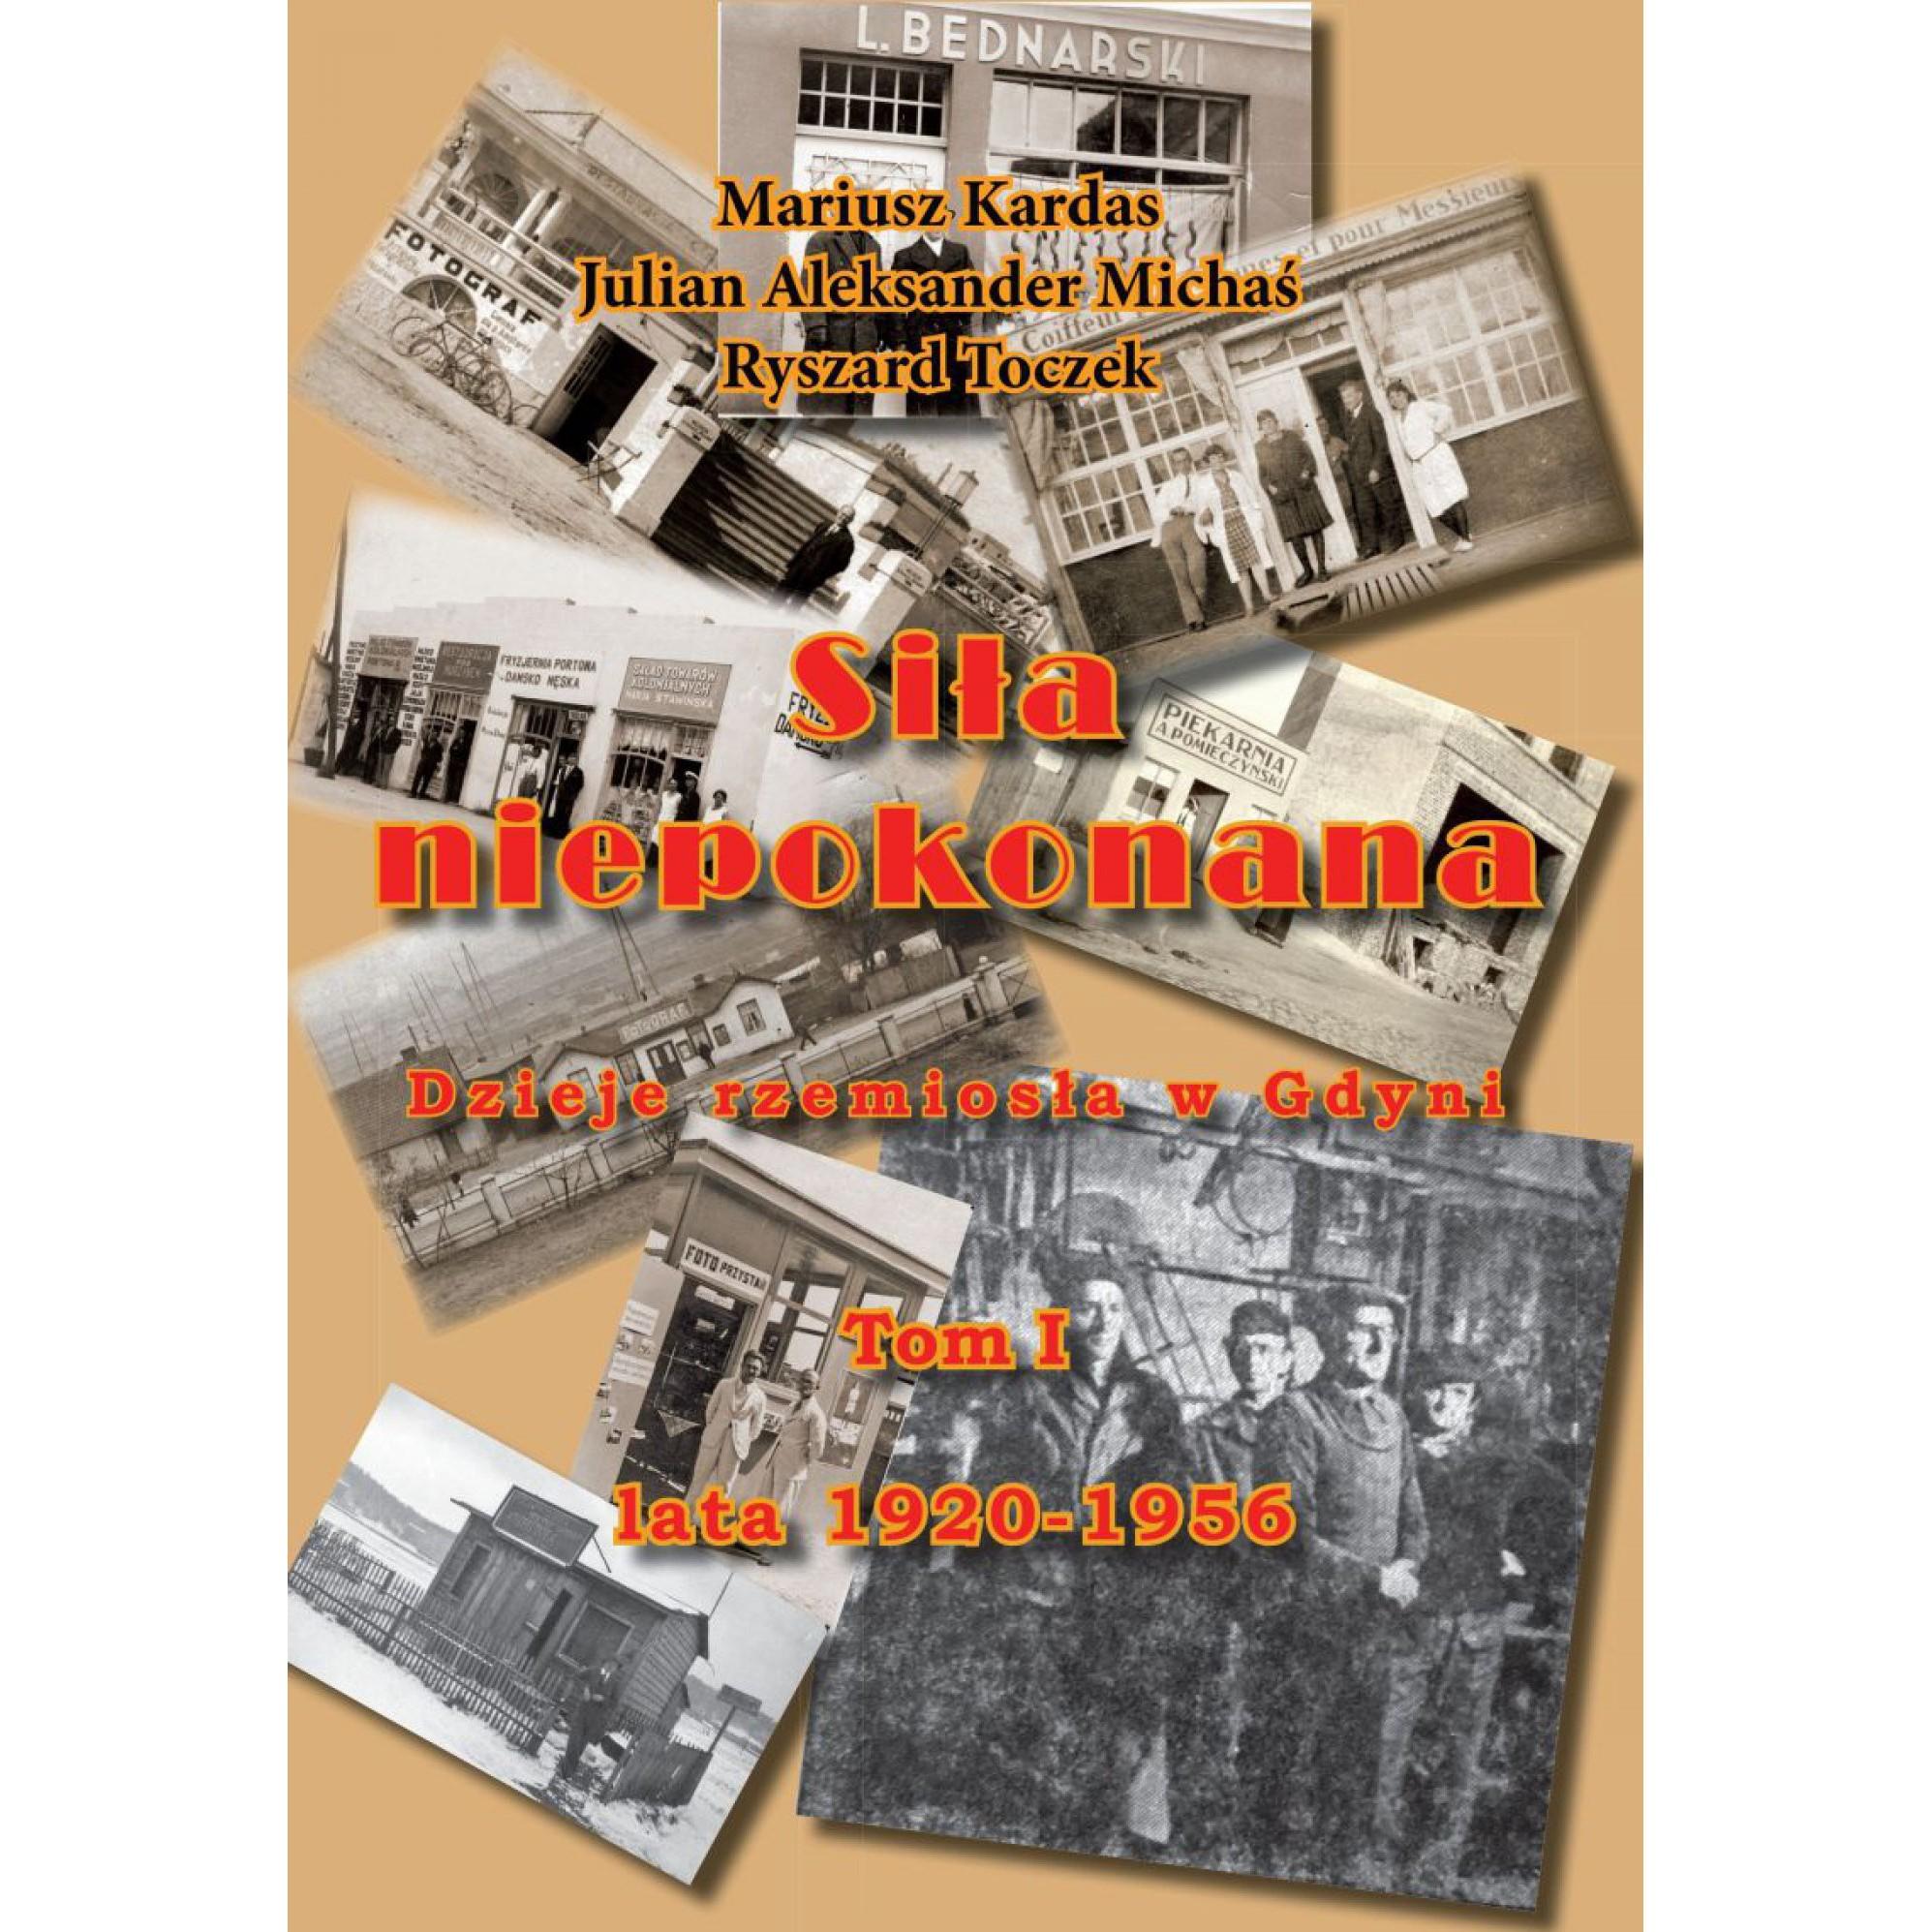 Siła niepokonana. Dzieje rzemiosła w Gdyni.Tom I lata 1920-1956